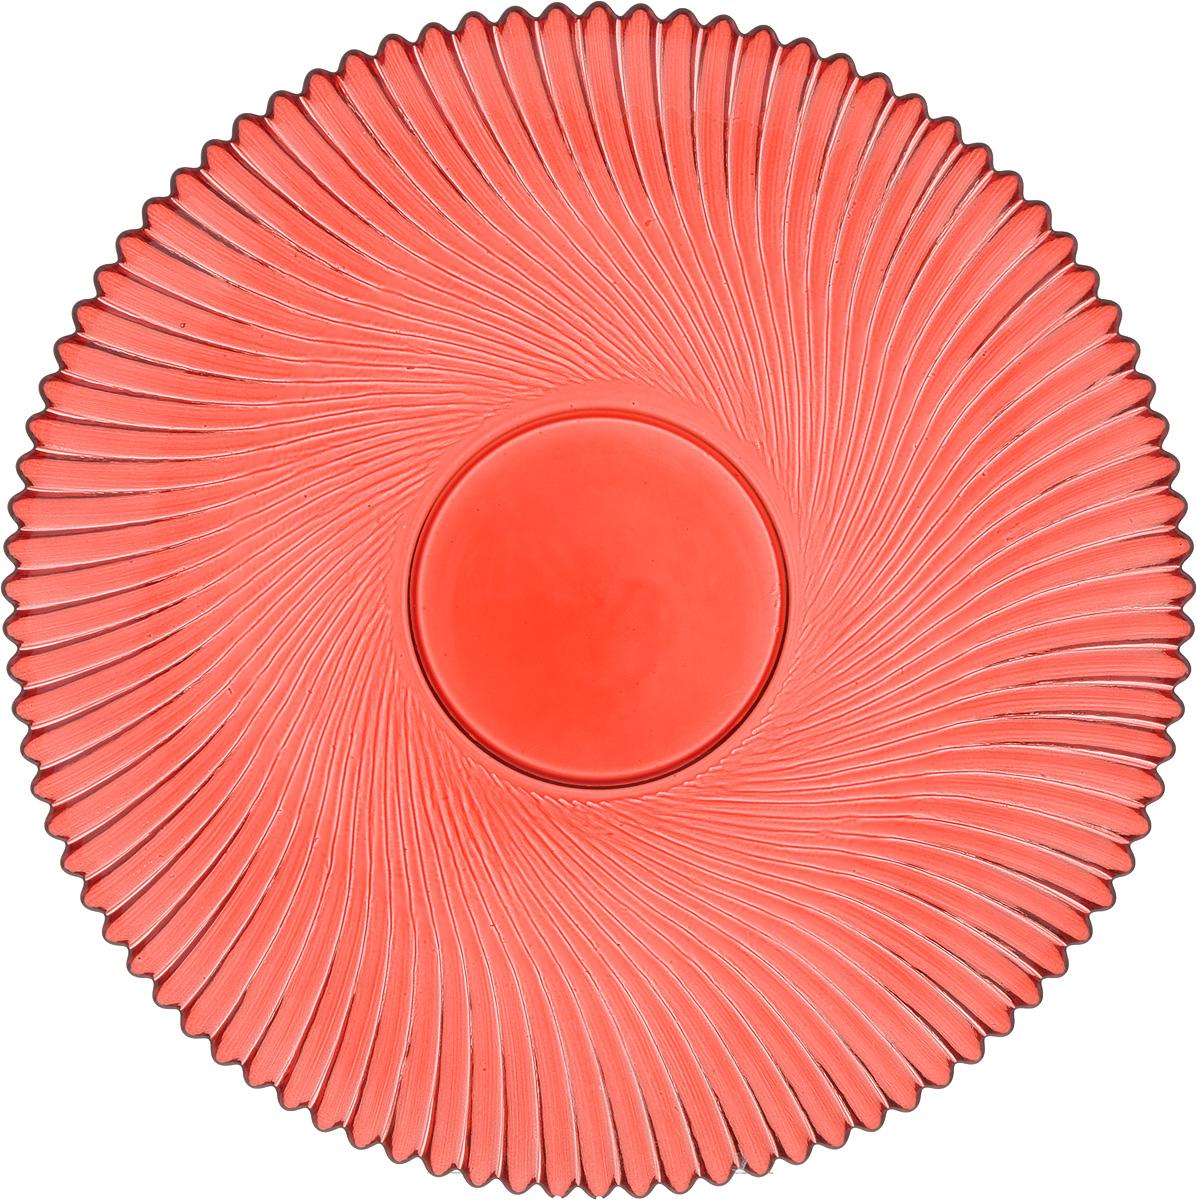 Тарелка NiNaGlass Альтера, цвет: рубиновый, диаметр 21 см830127 2300Тарелка NiNaGlass Альтера выполнена из высококачественного стекла и оформлена красивым рельефным узором. Тарелка идеальна для подачи вторых блюд, а также сервировки закусок, нарезок, десертов и многого другого. Она отлично подойдет как для повседневных, так и для торжественных случаев.Такая тарелка прекрасно впишется в интерьер вашей кухни и станет достойным дополнением к кухонному инвентарю.